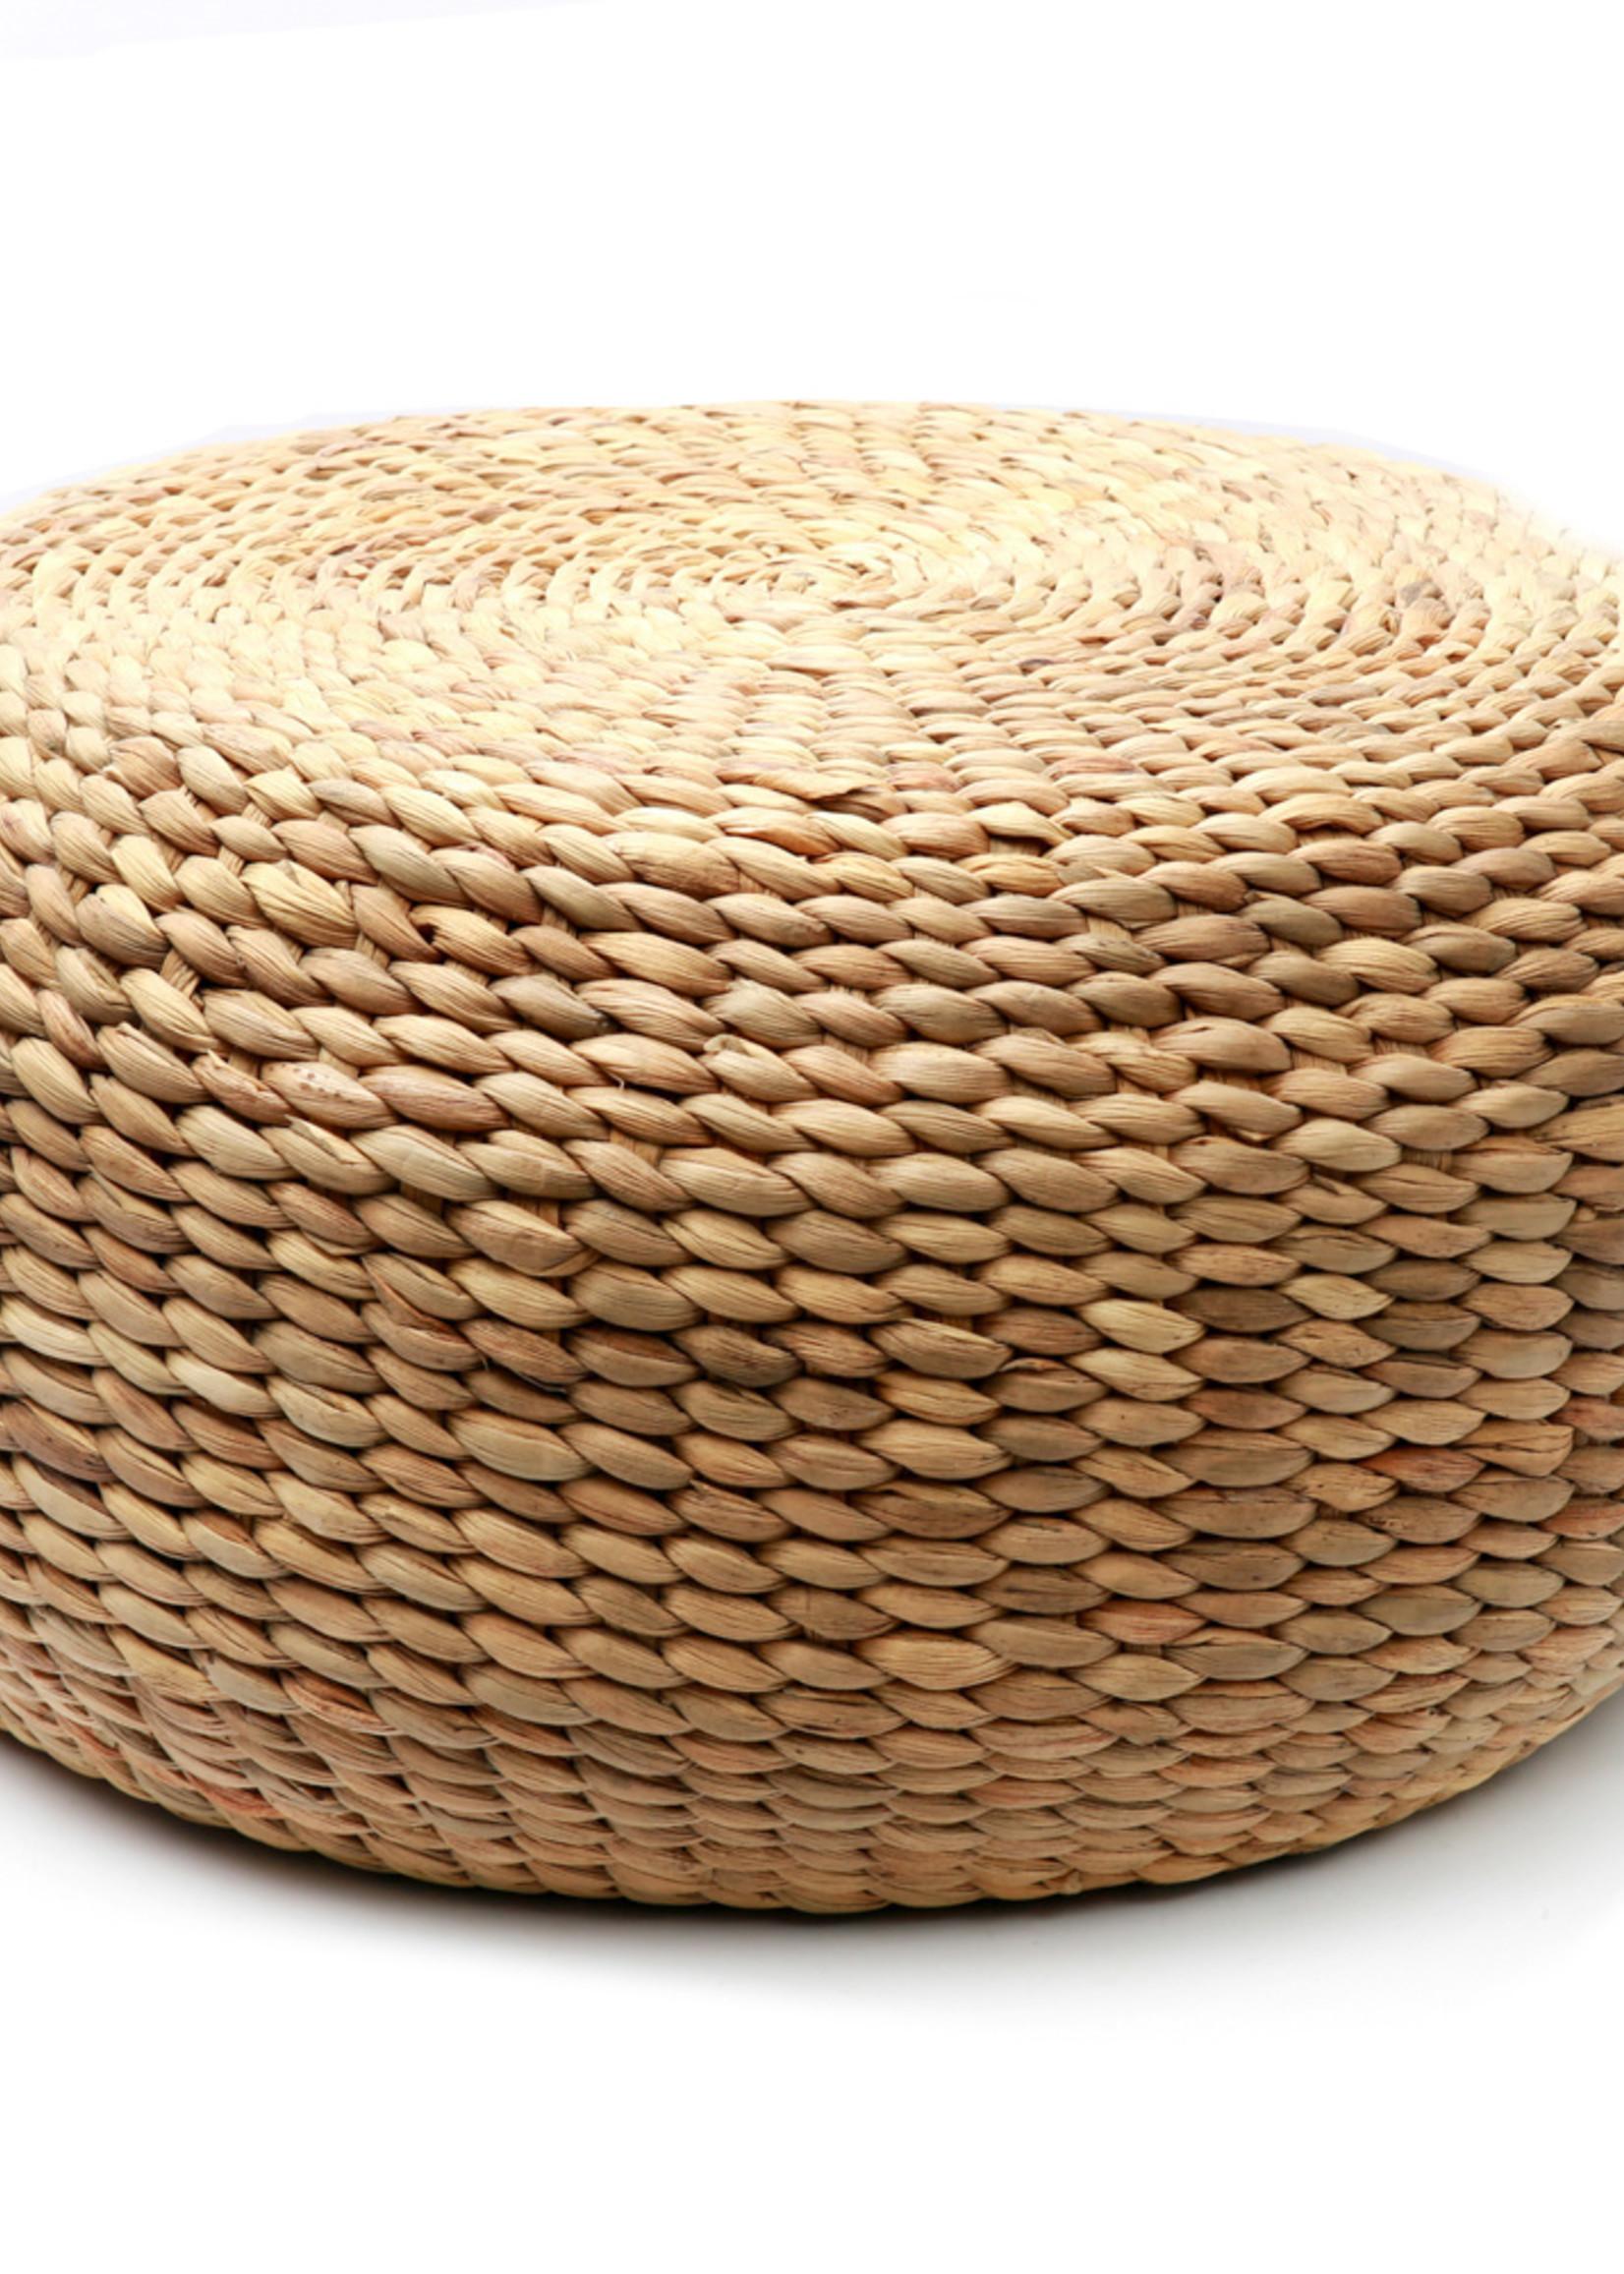 The Hyacinth Pouffe - Round - 80